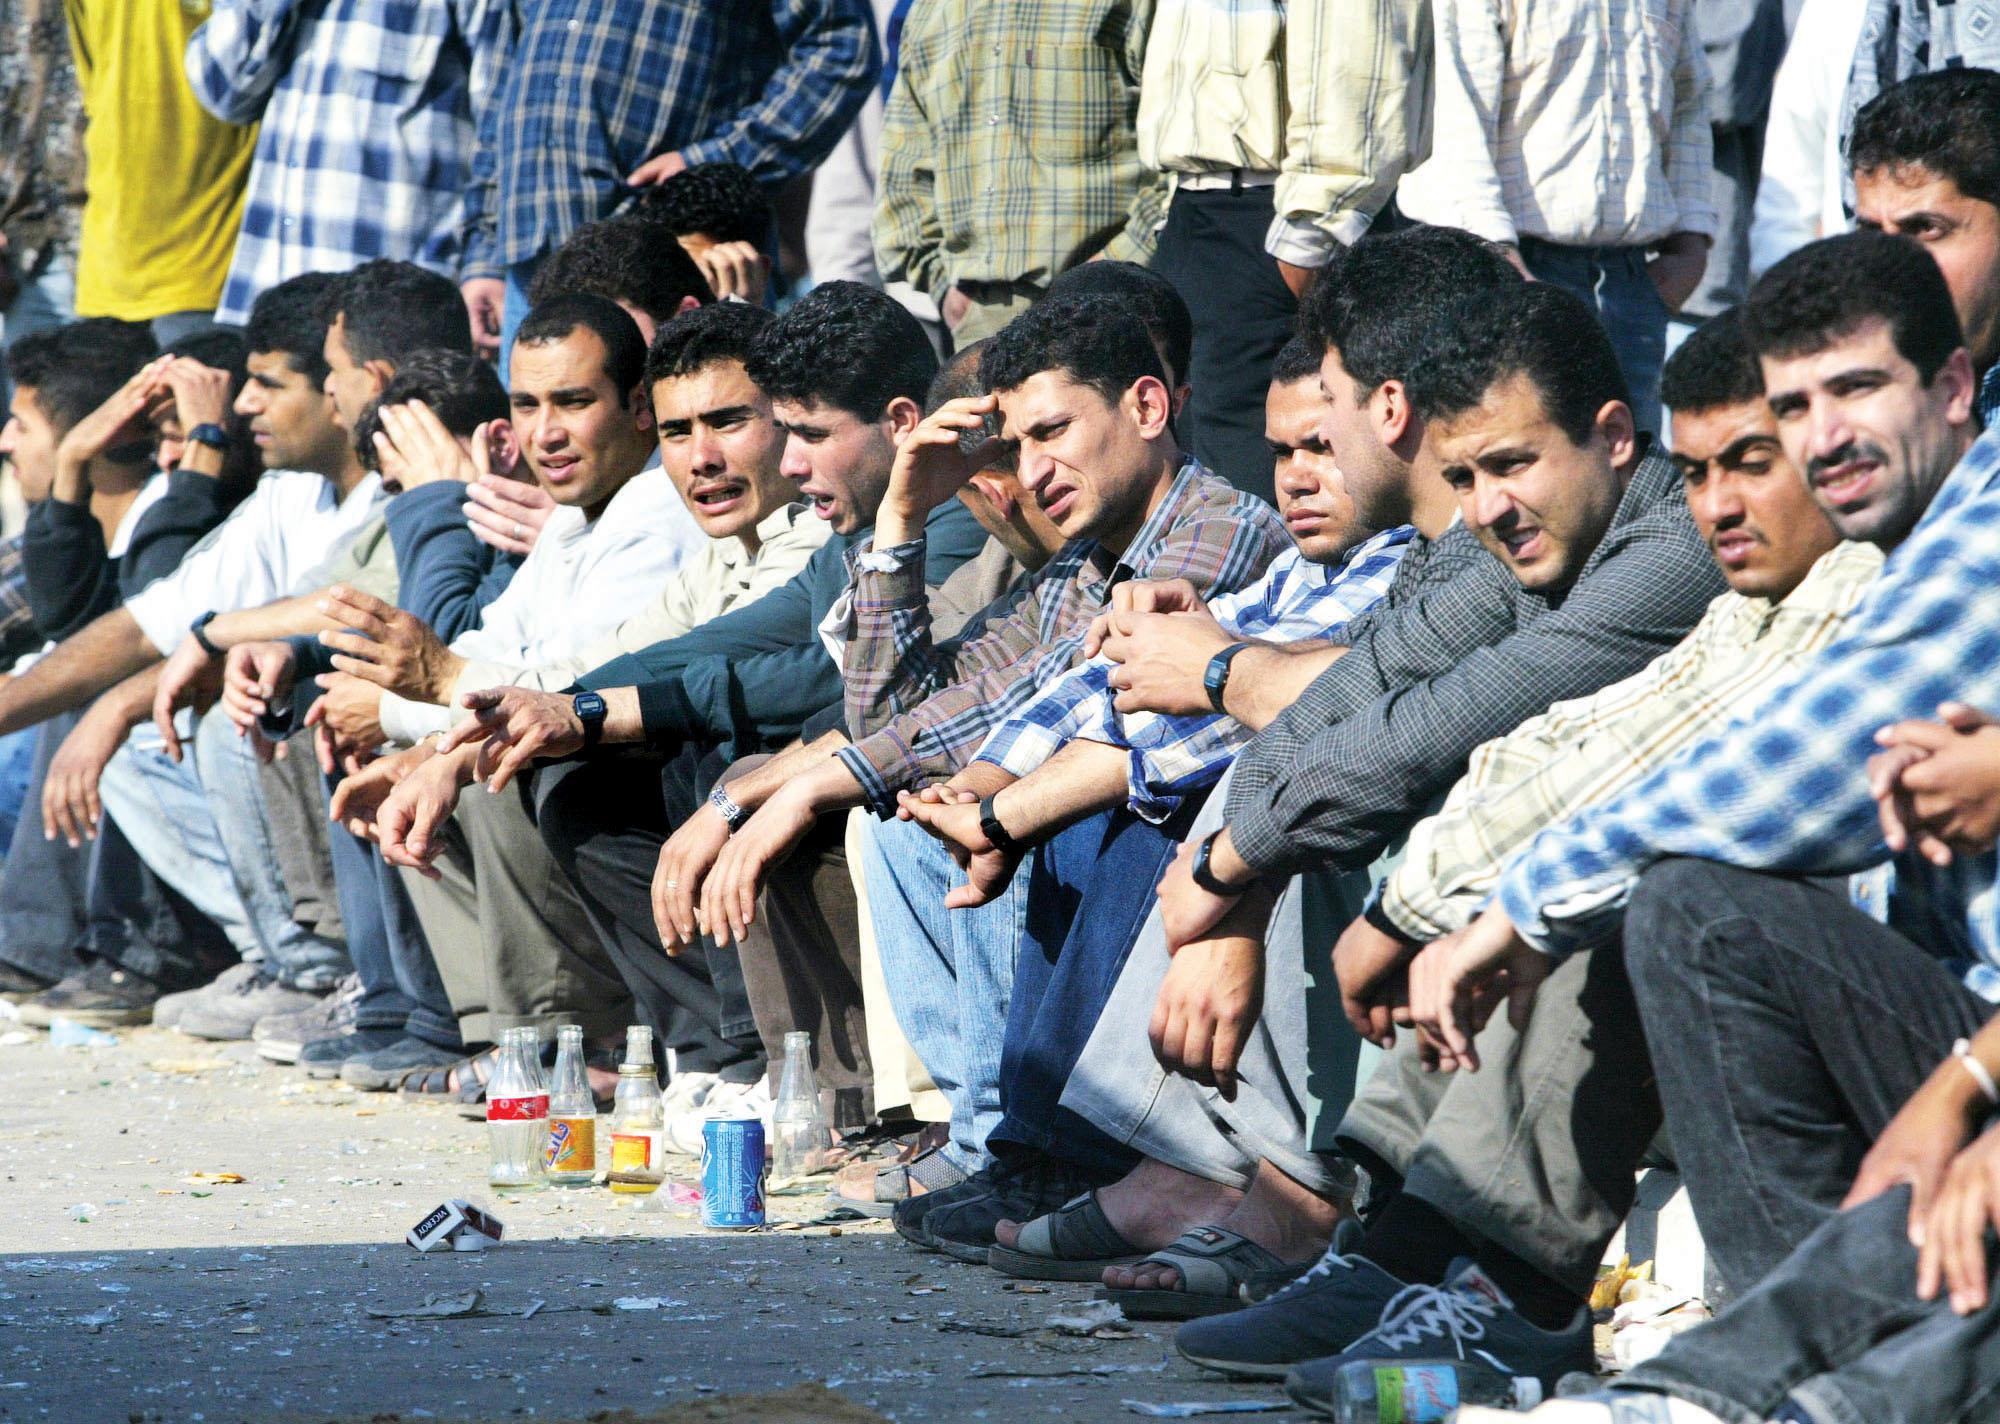 معدل البطالة في مصر - صور انترنت